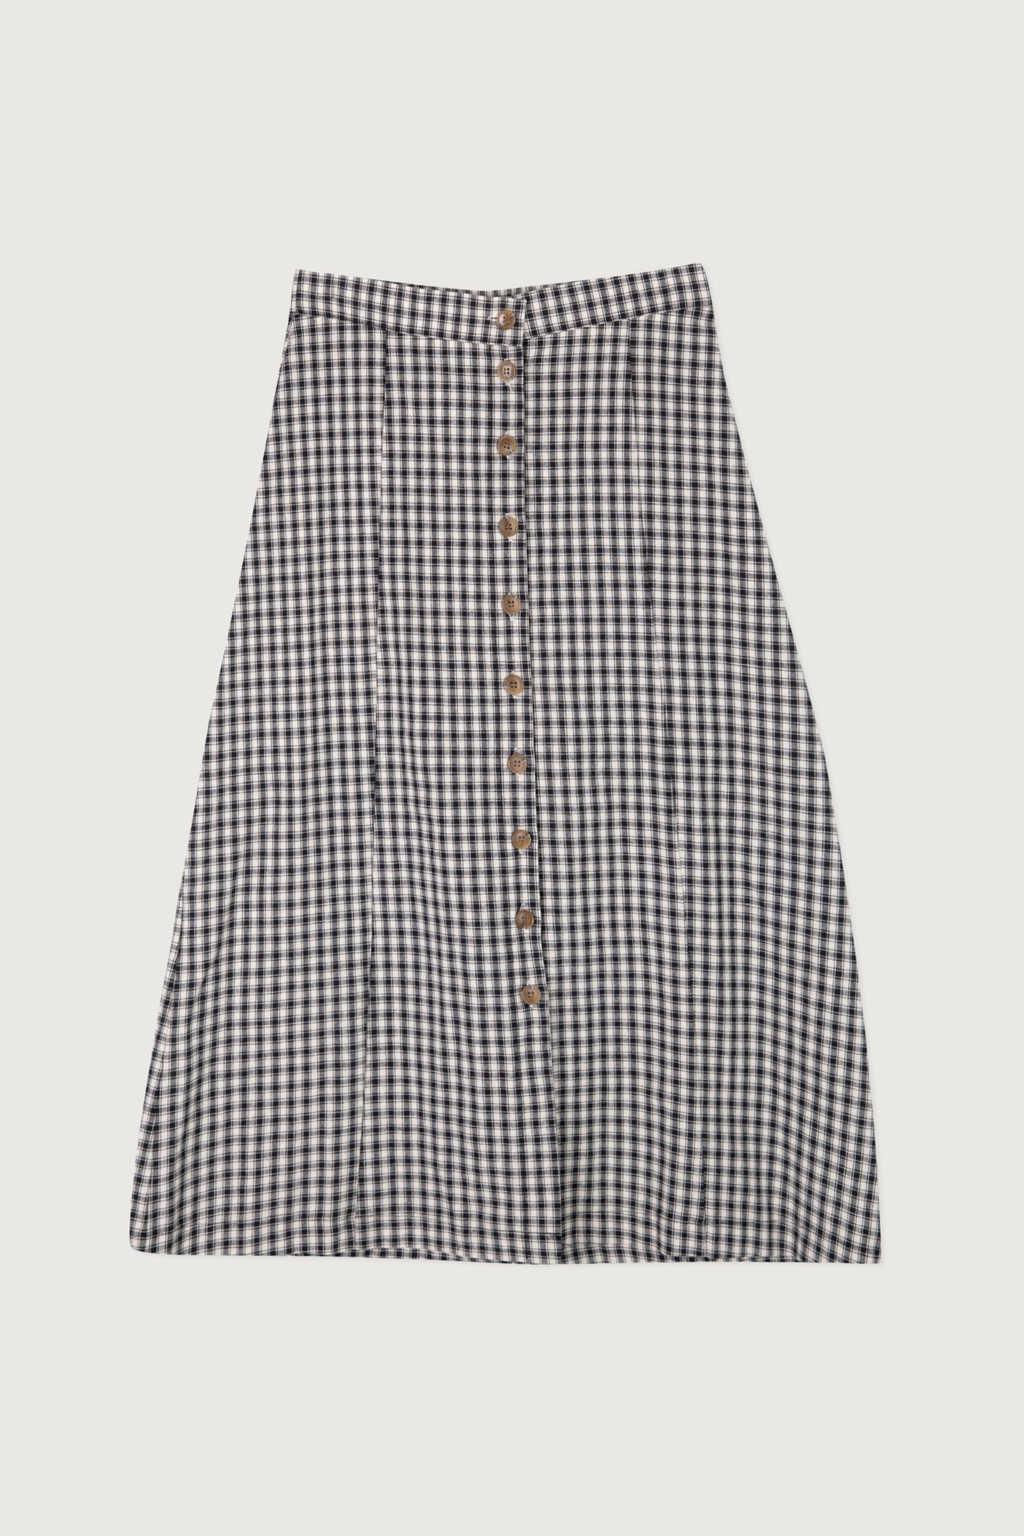 Skirt K012 Black 4